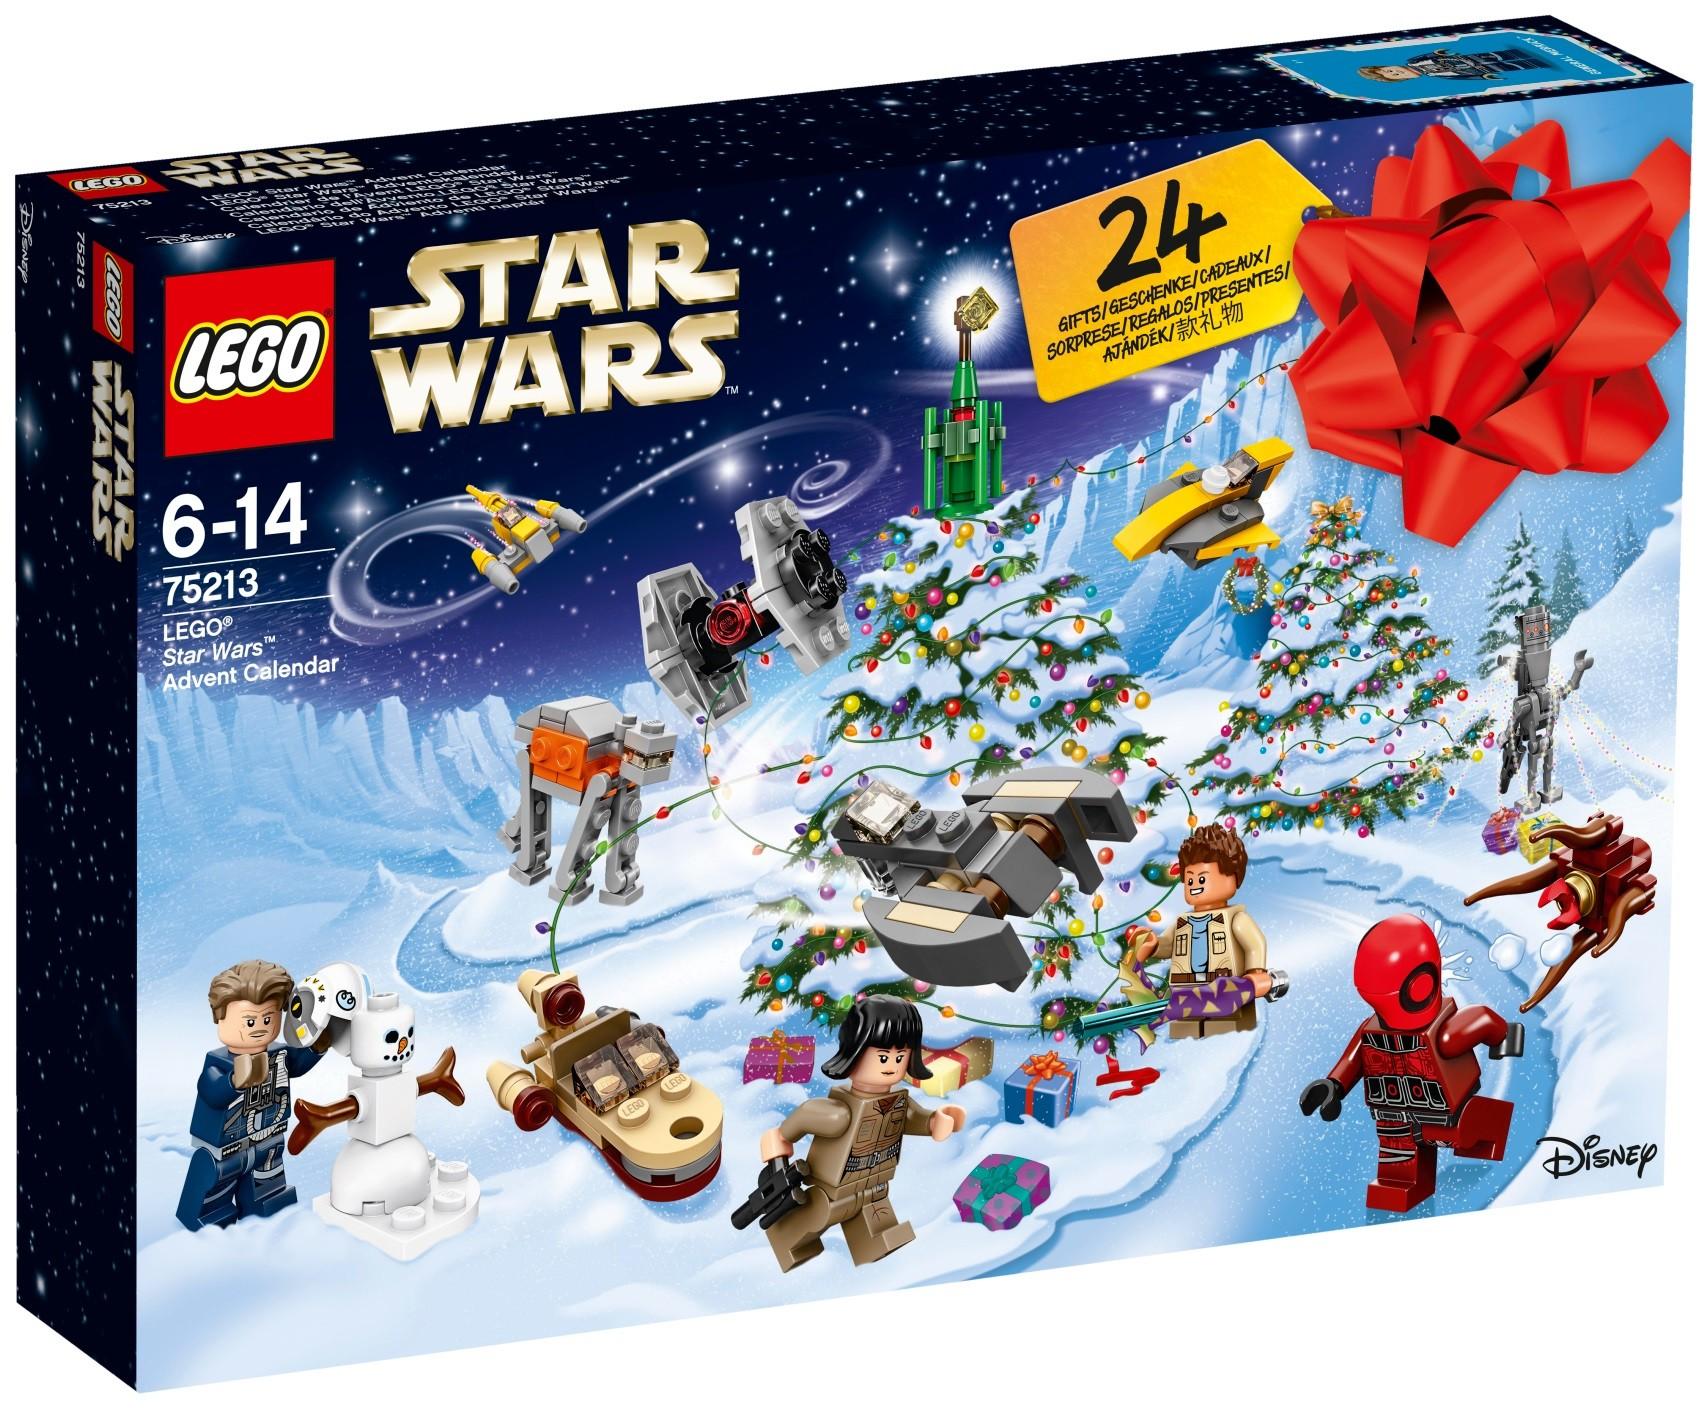 Lego Star Wars 41353 Kalendarz Adwentowy Super Oferty Na Klocki Lego